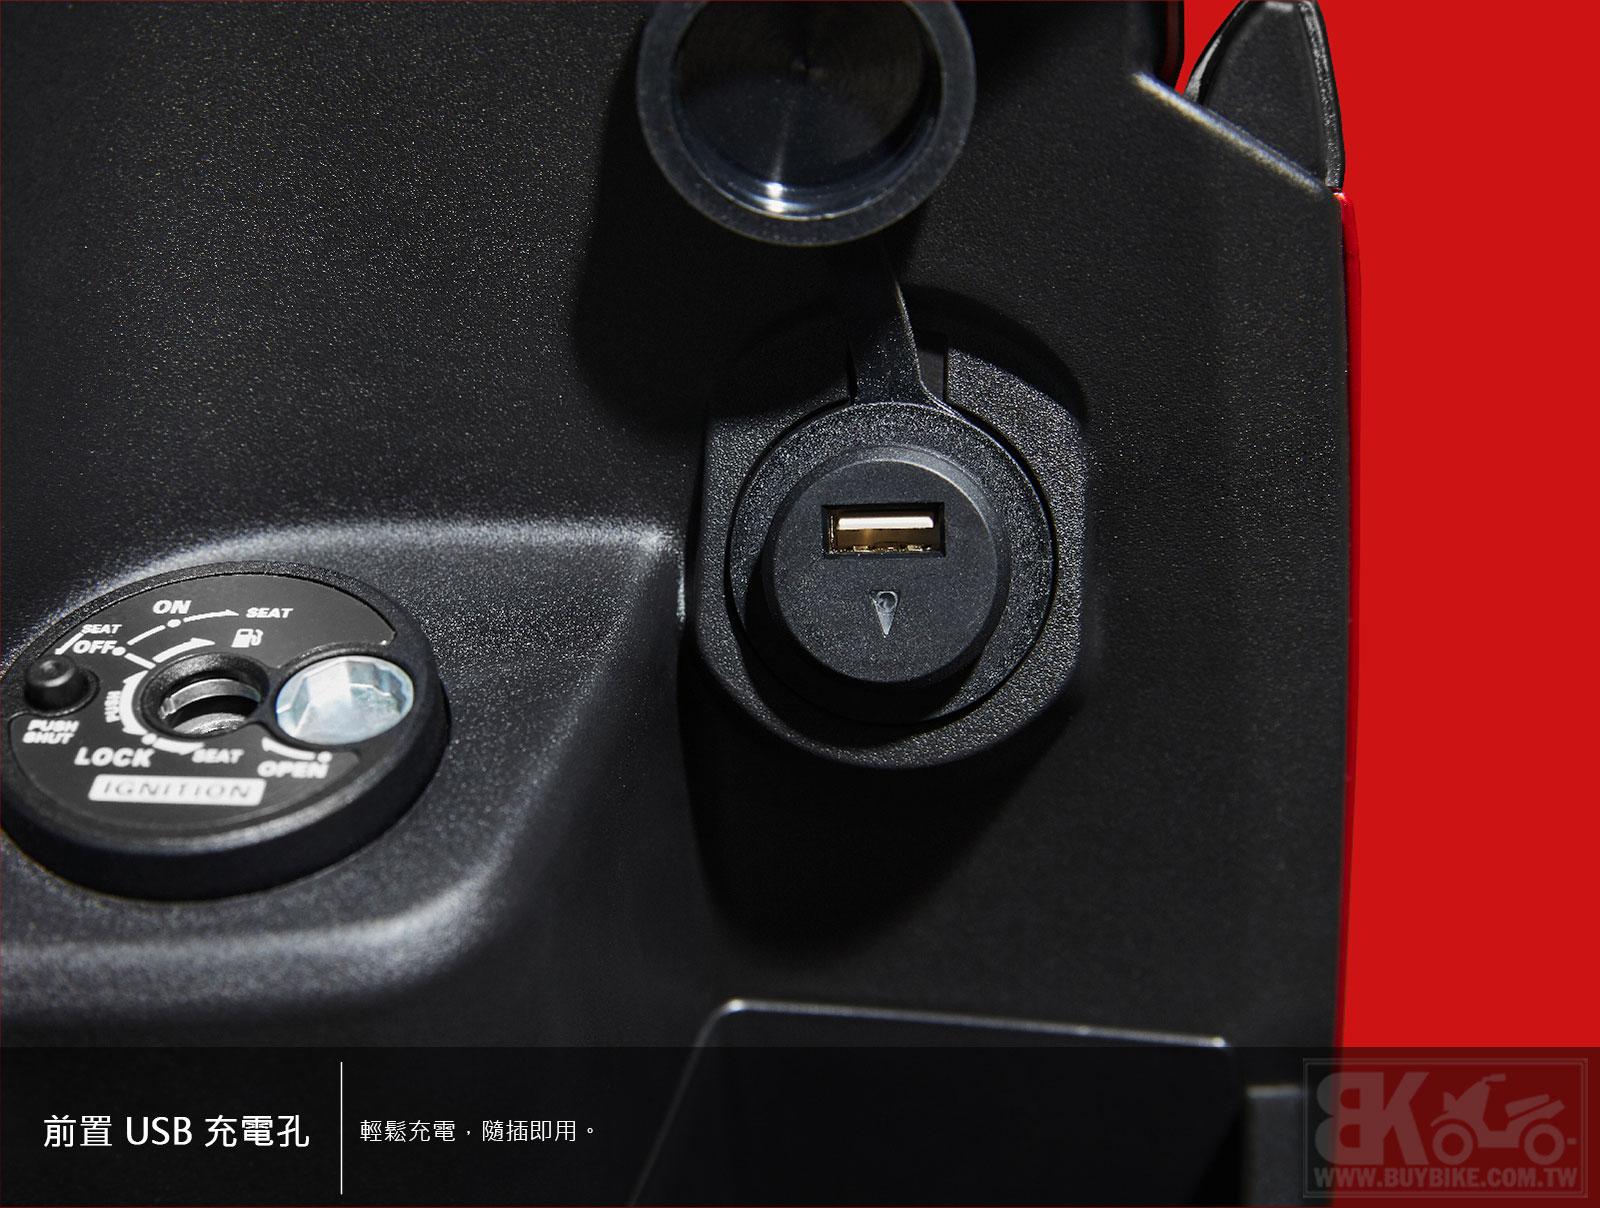 06.前置-USB-充電孔